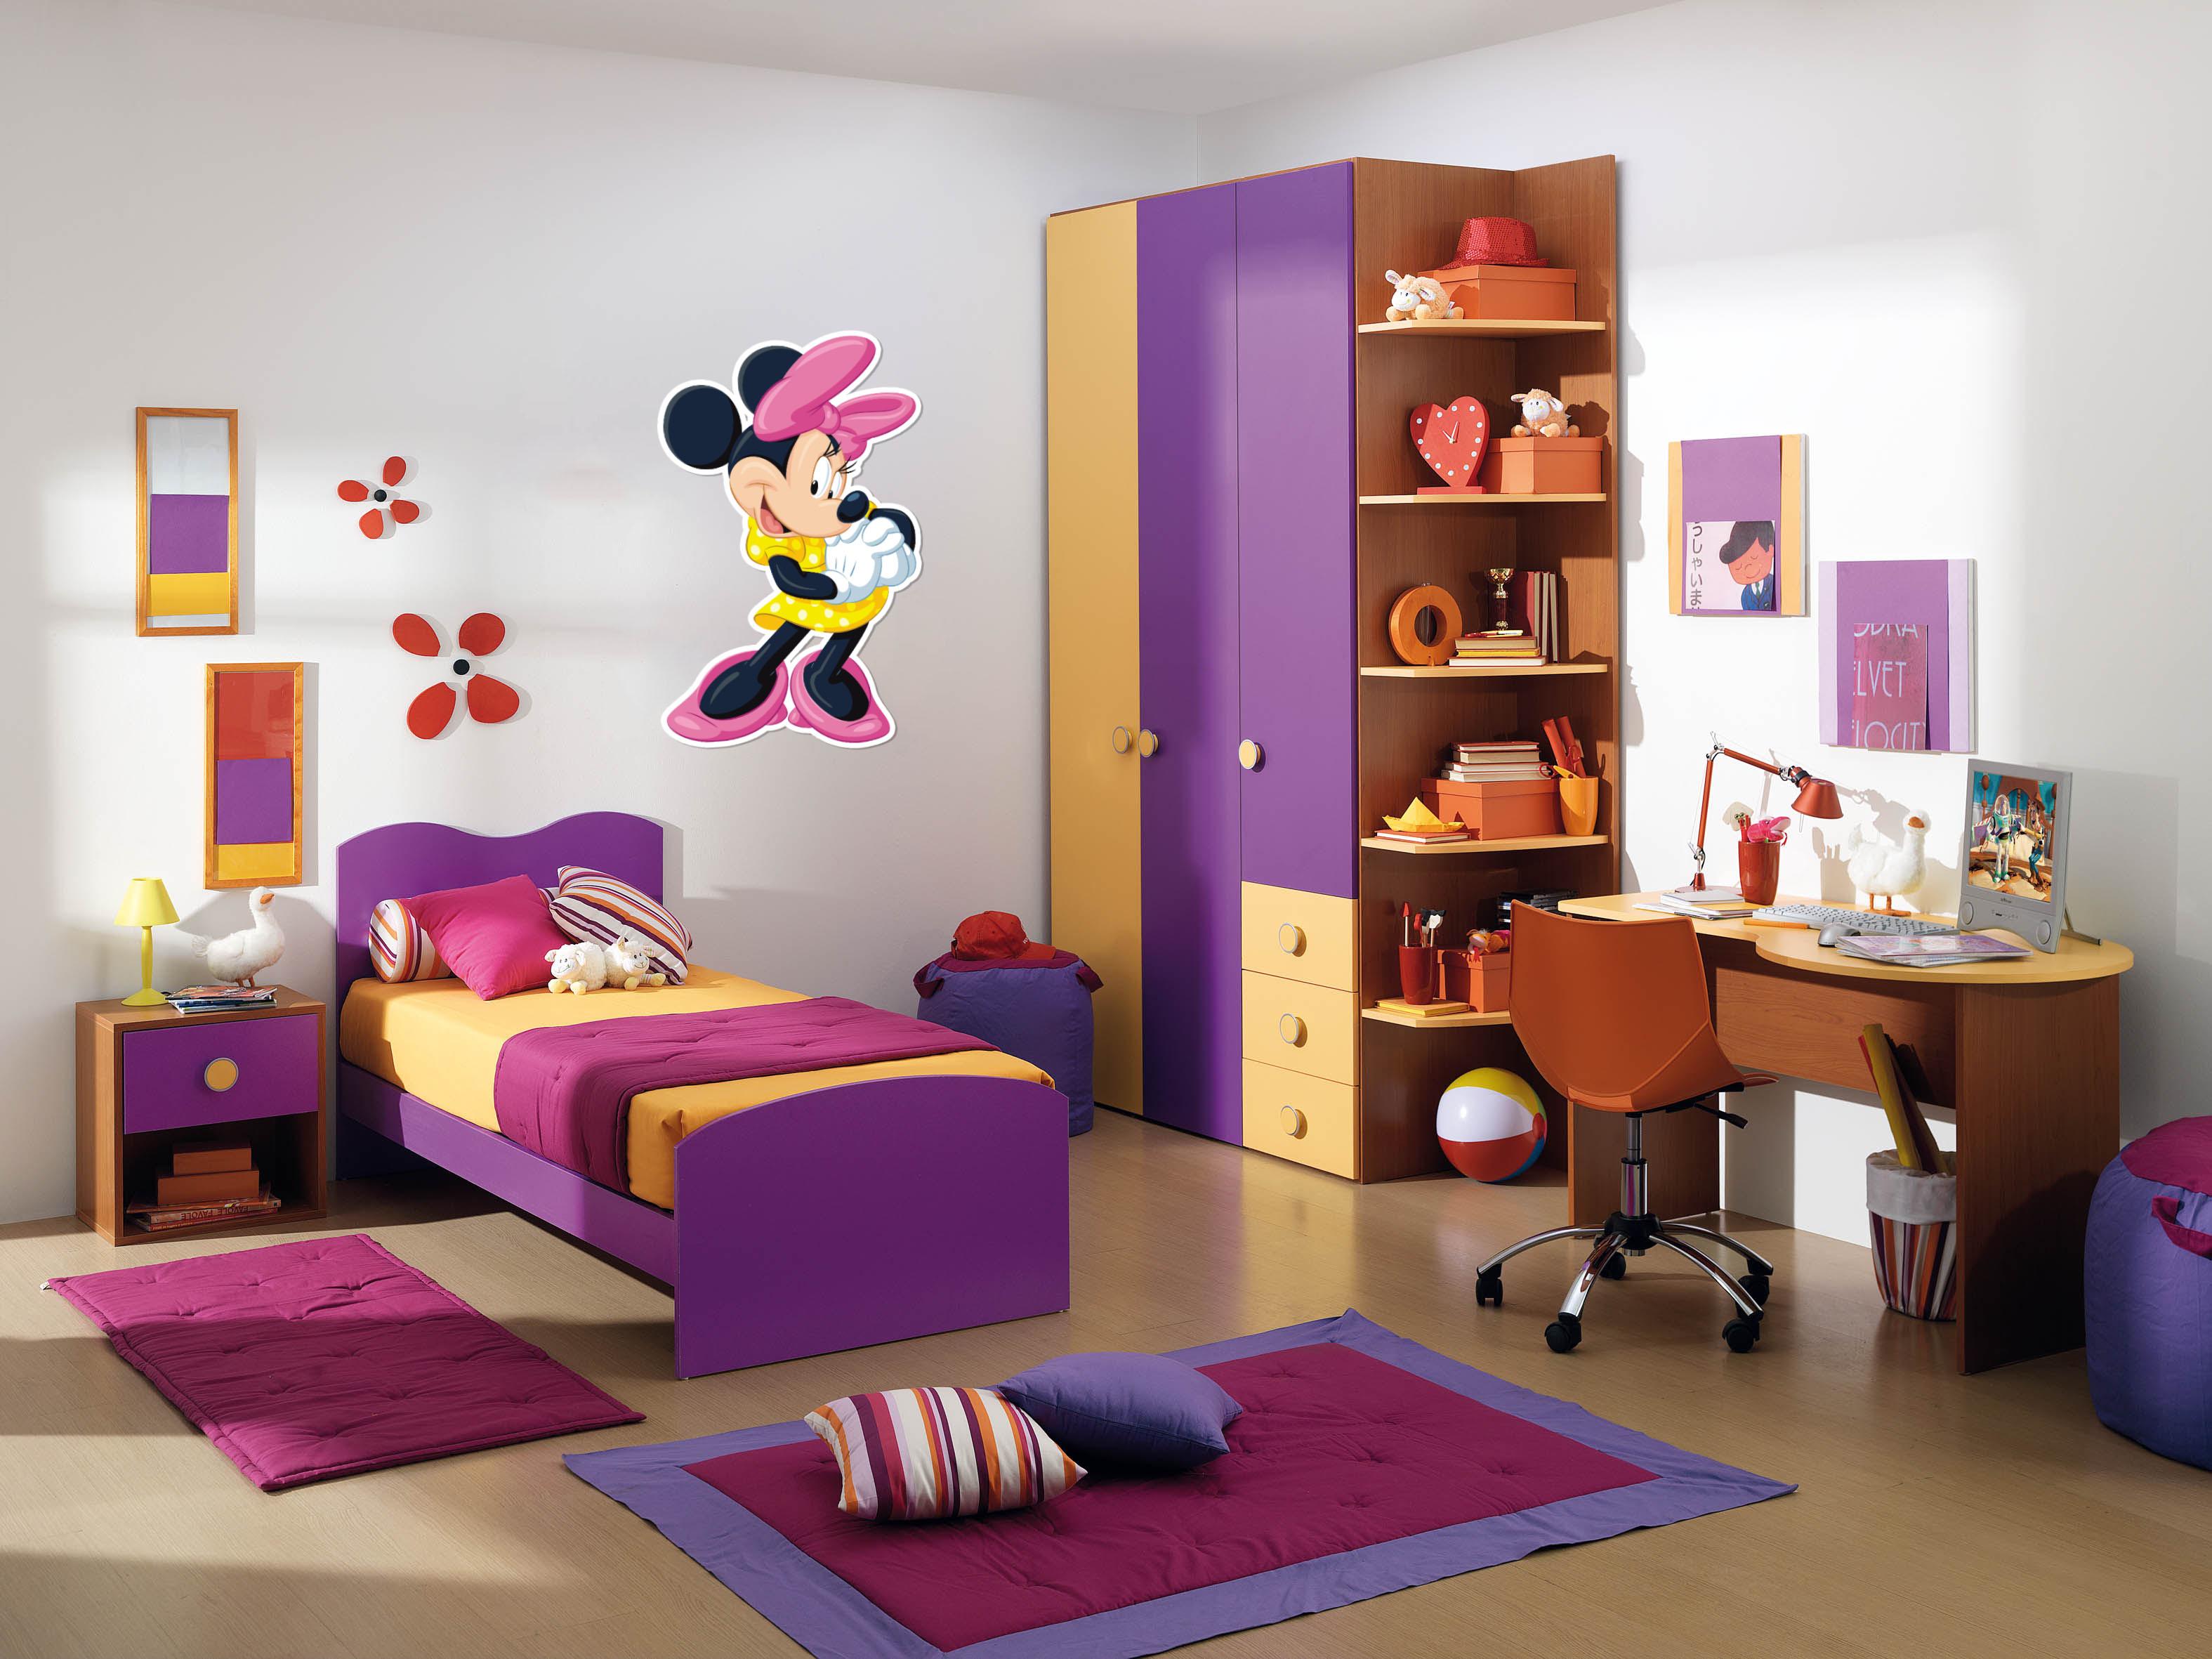 Decorazioni Per Camerette Per Bambini : Decorazioni pareti ecco i nuovi pannelli sagomati per camerette